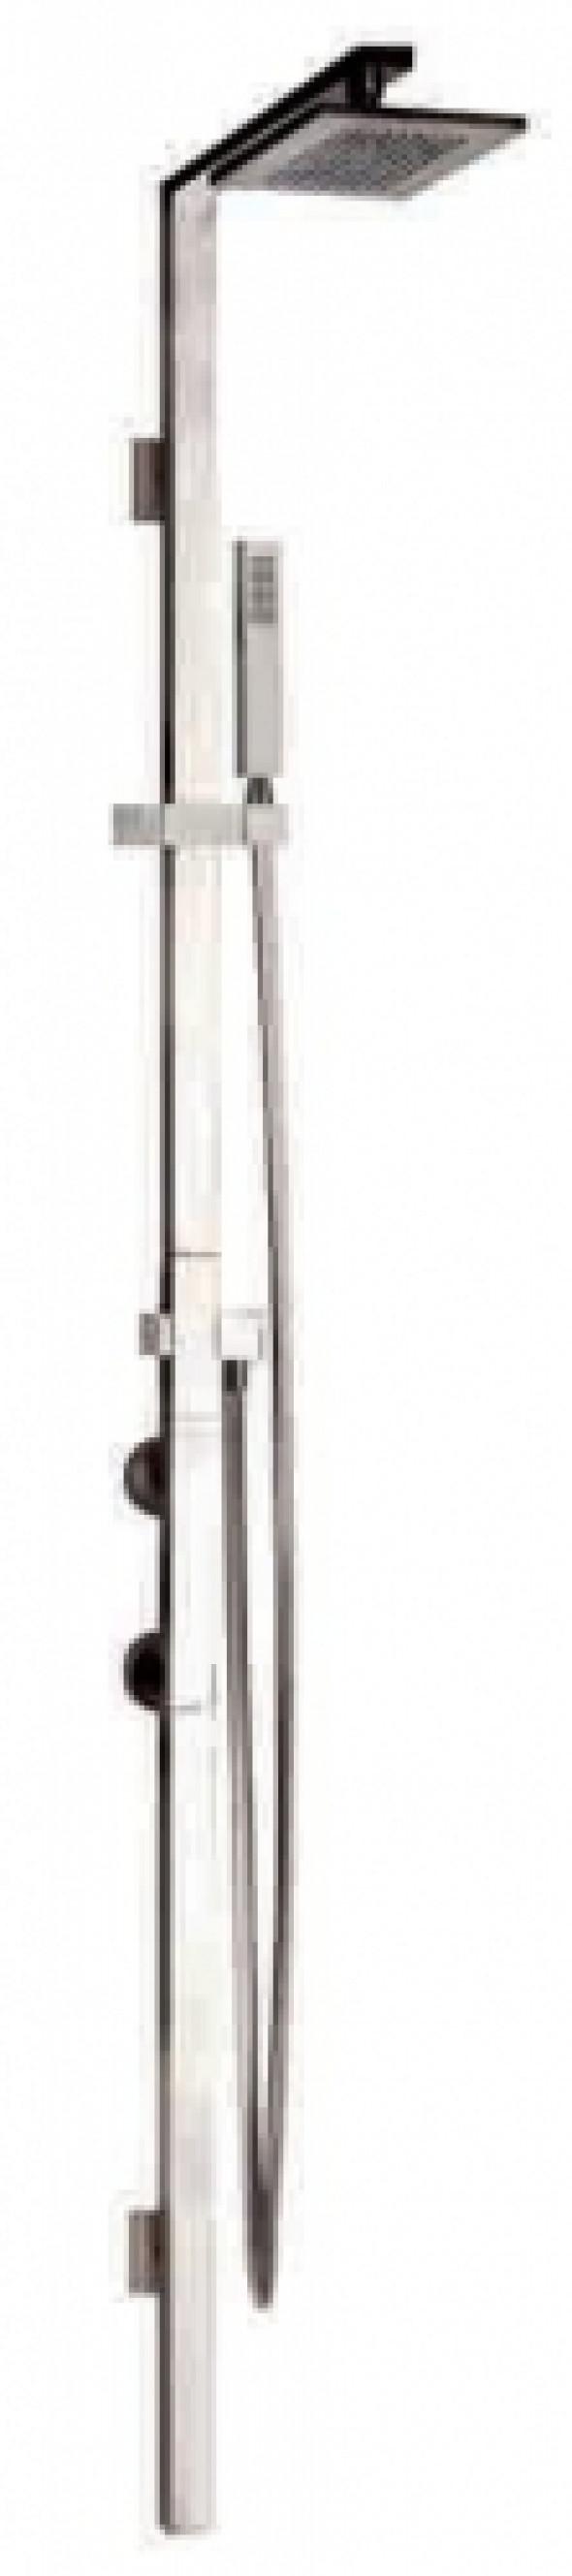 Gessi Rettangolo zestaw natryskowy termostatyczny z deszczownicą chrom 23409.031